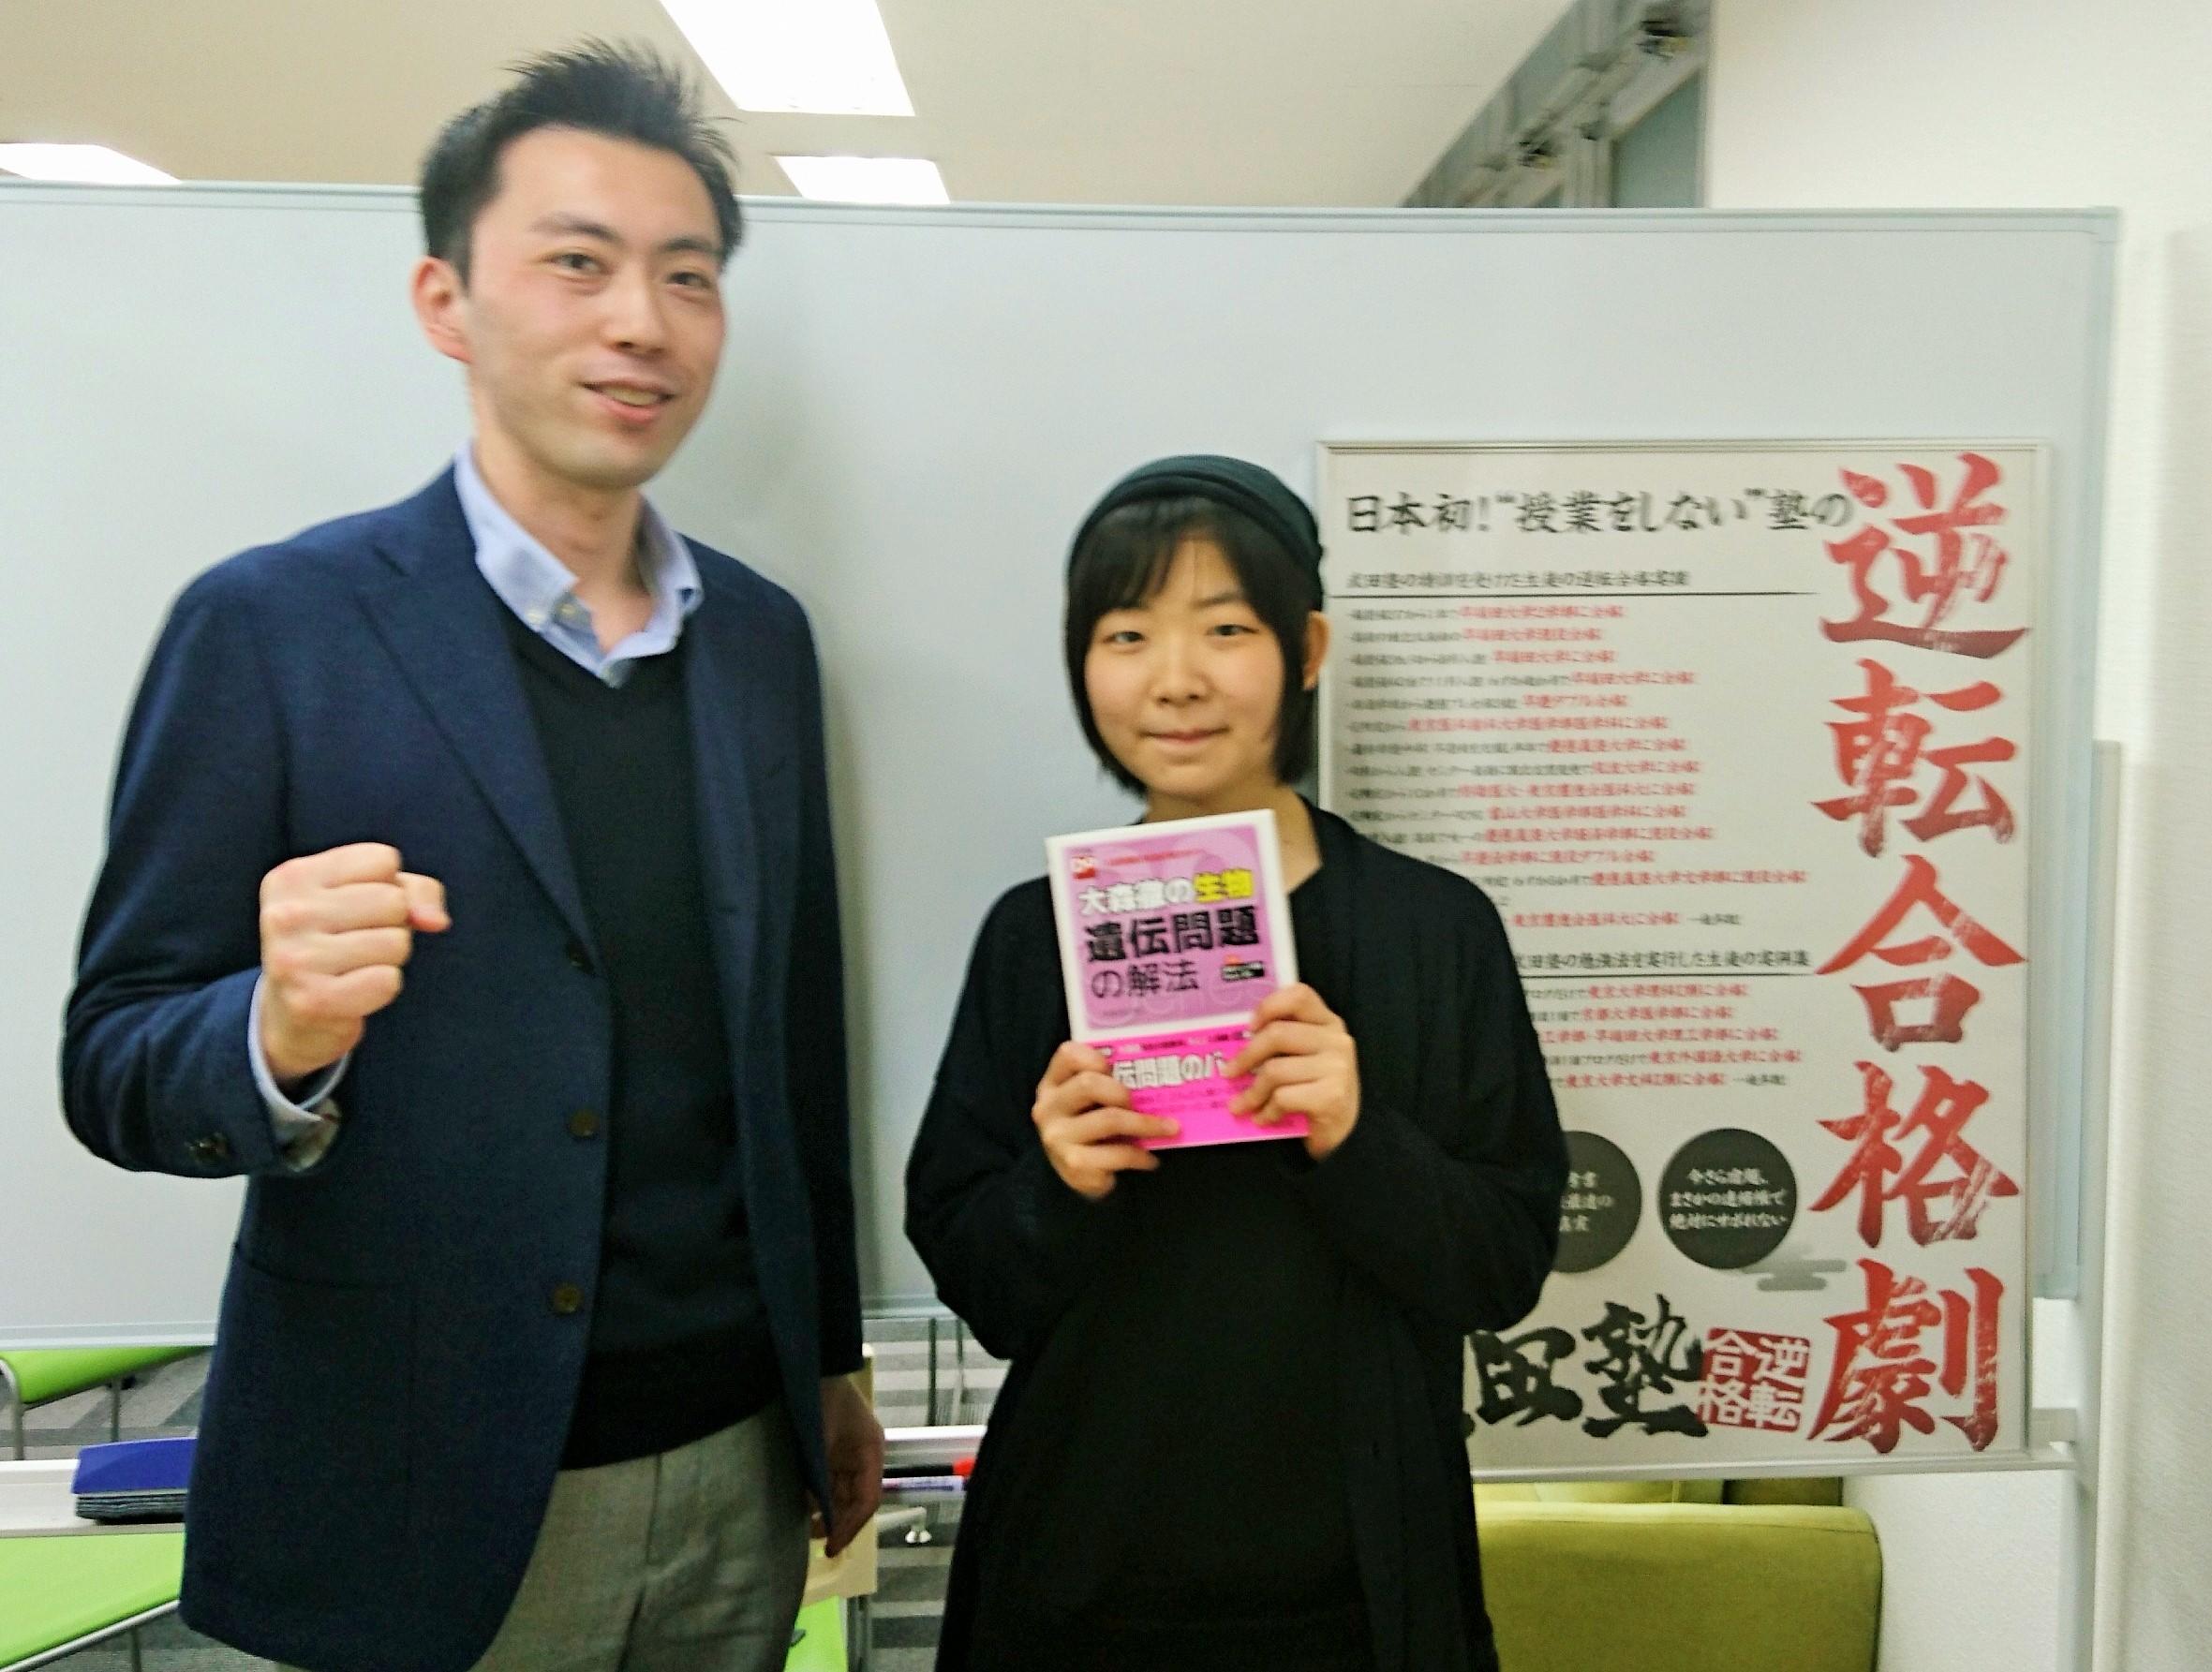 江戸川高校 中央大学合格 理系女子